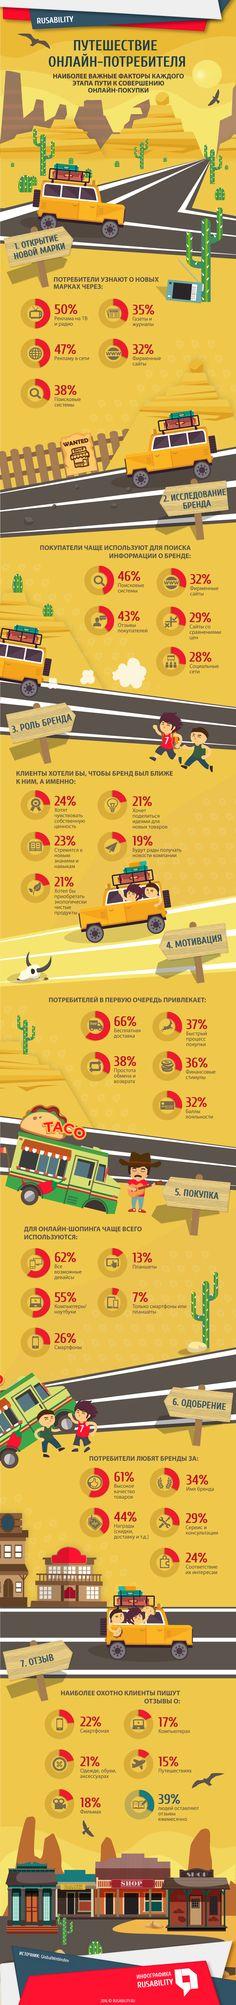 маркетинг, e-commerse, путешествие, потребители, аудитория, покупка, лояльность, мотивация, одобрение, бренды, онлайн-покупка, инфографика